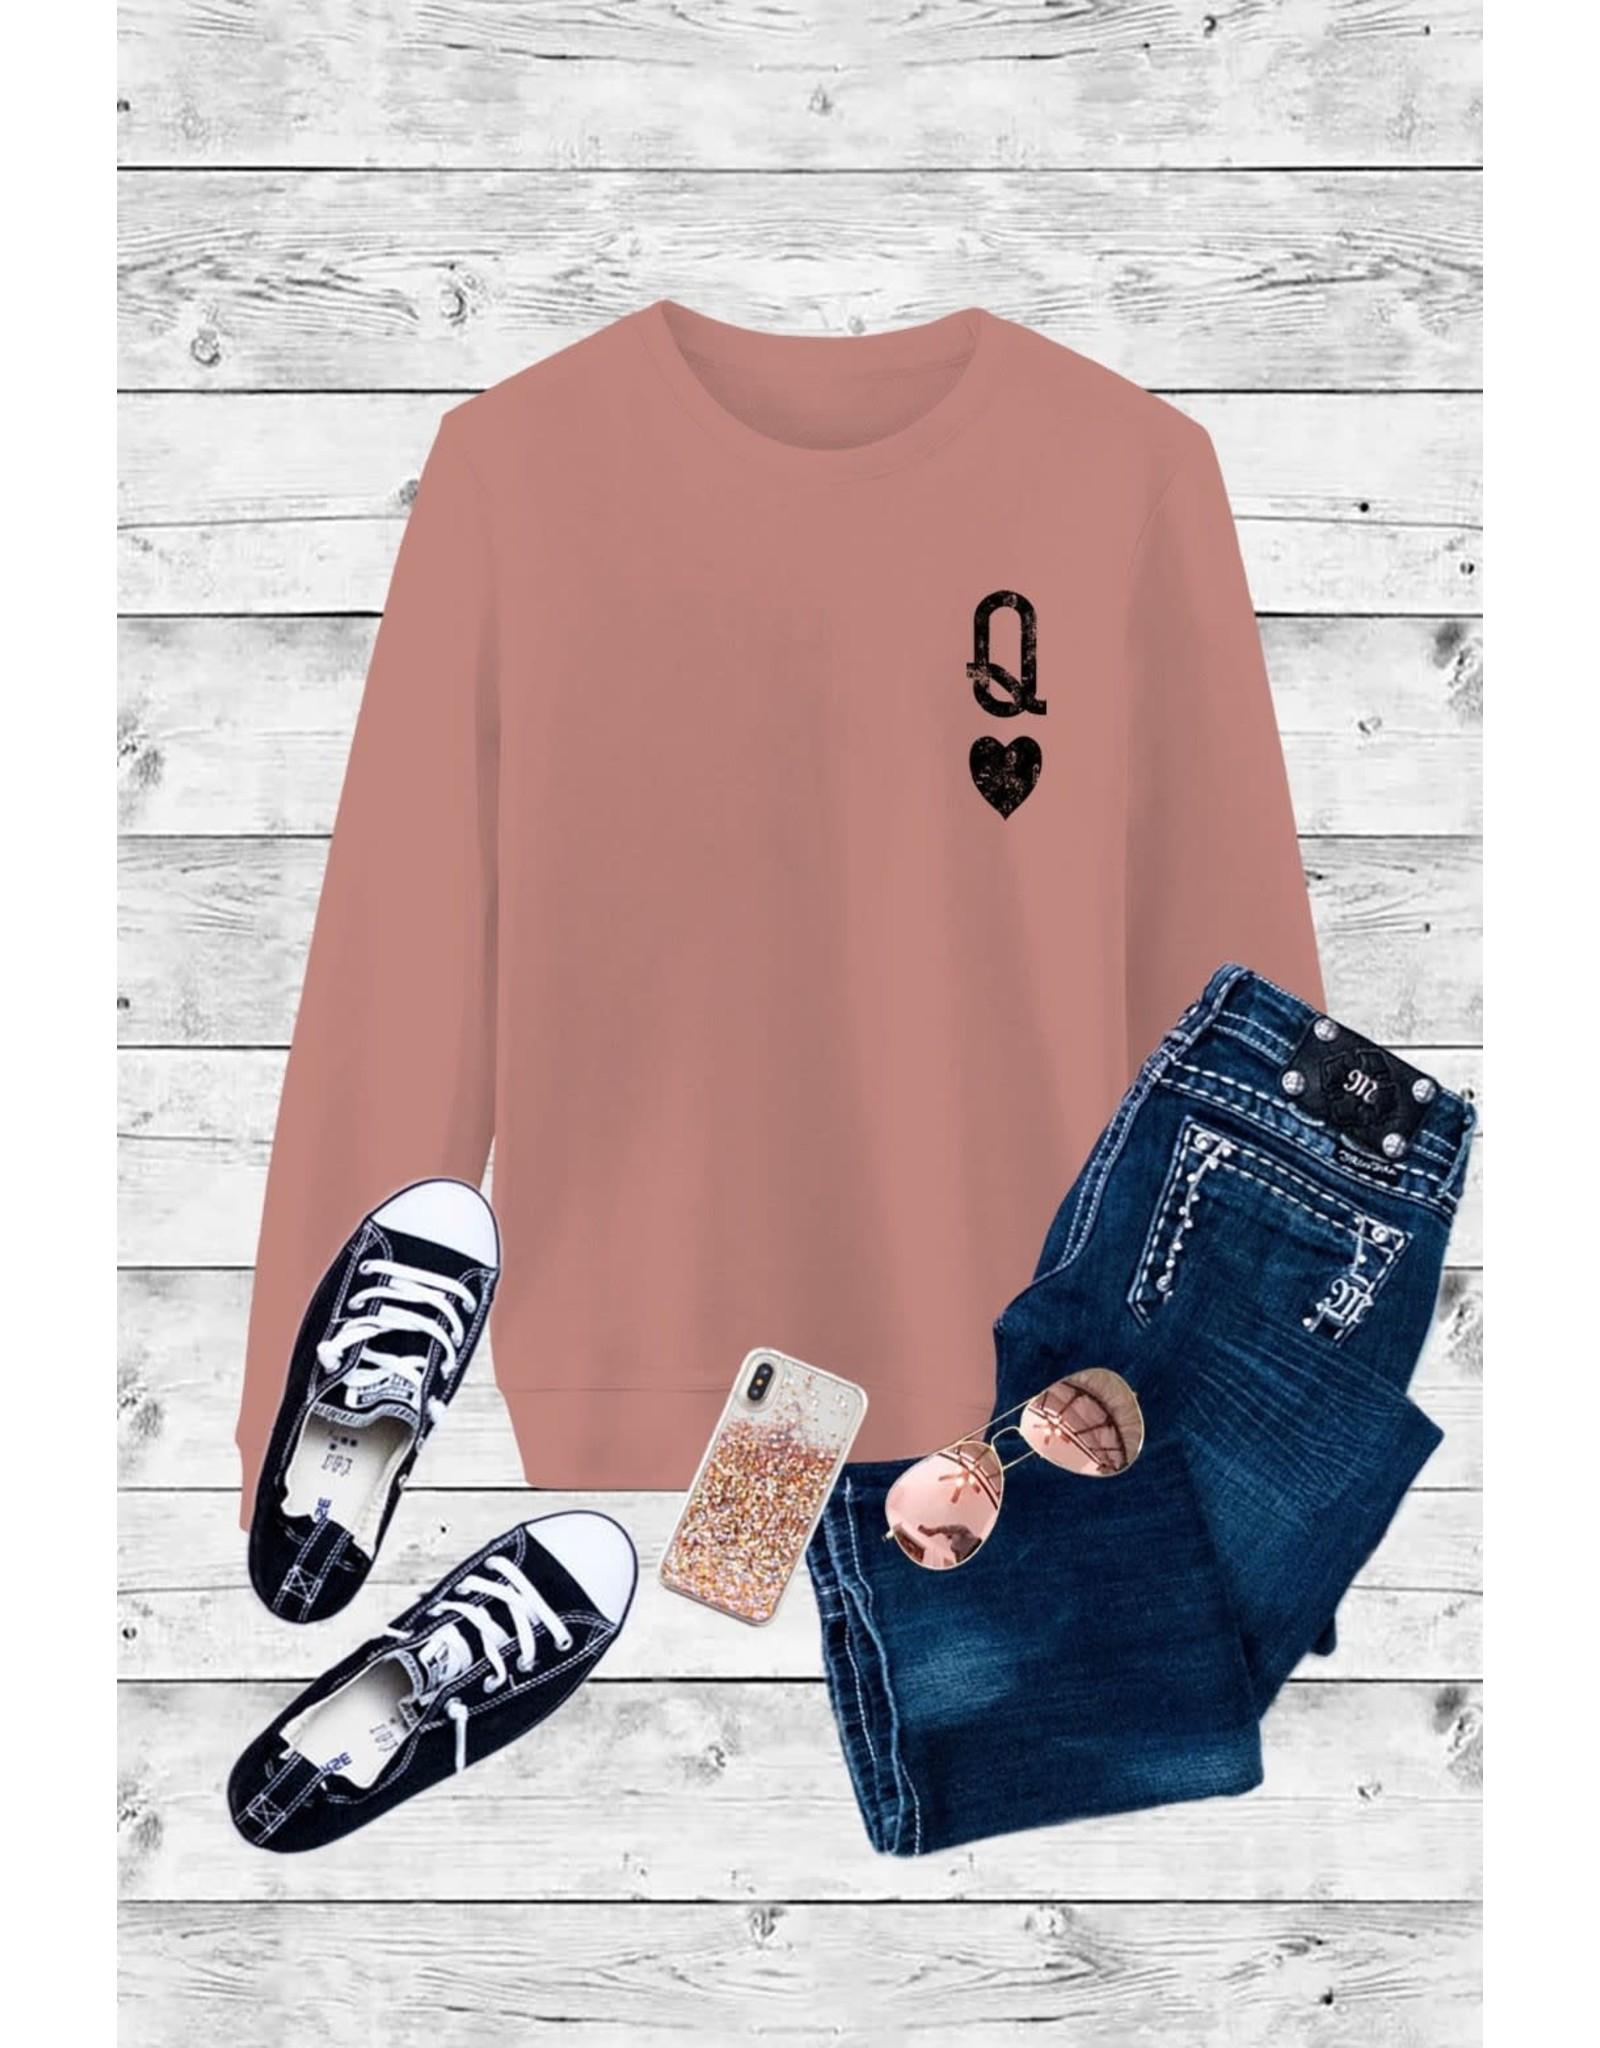 Relish Queen of Hearts Valentine Sweatshirt